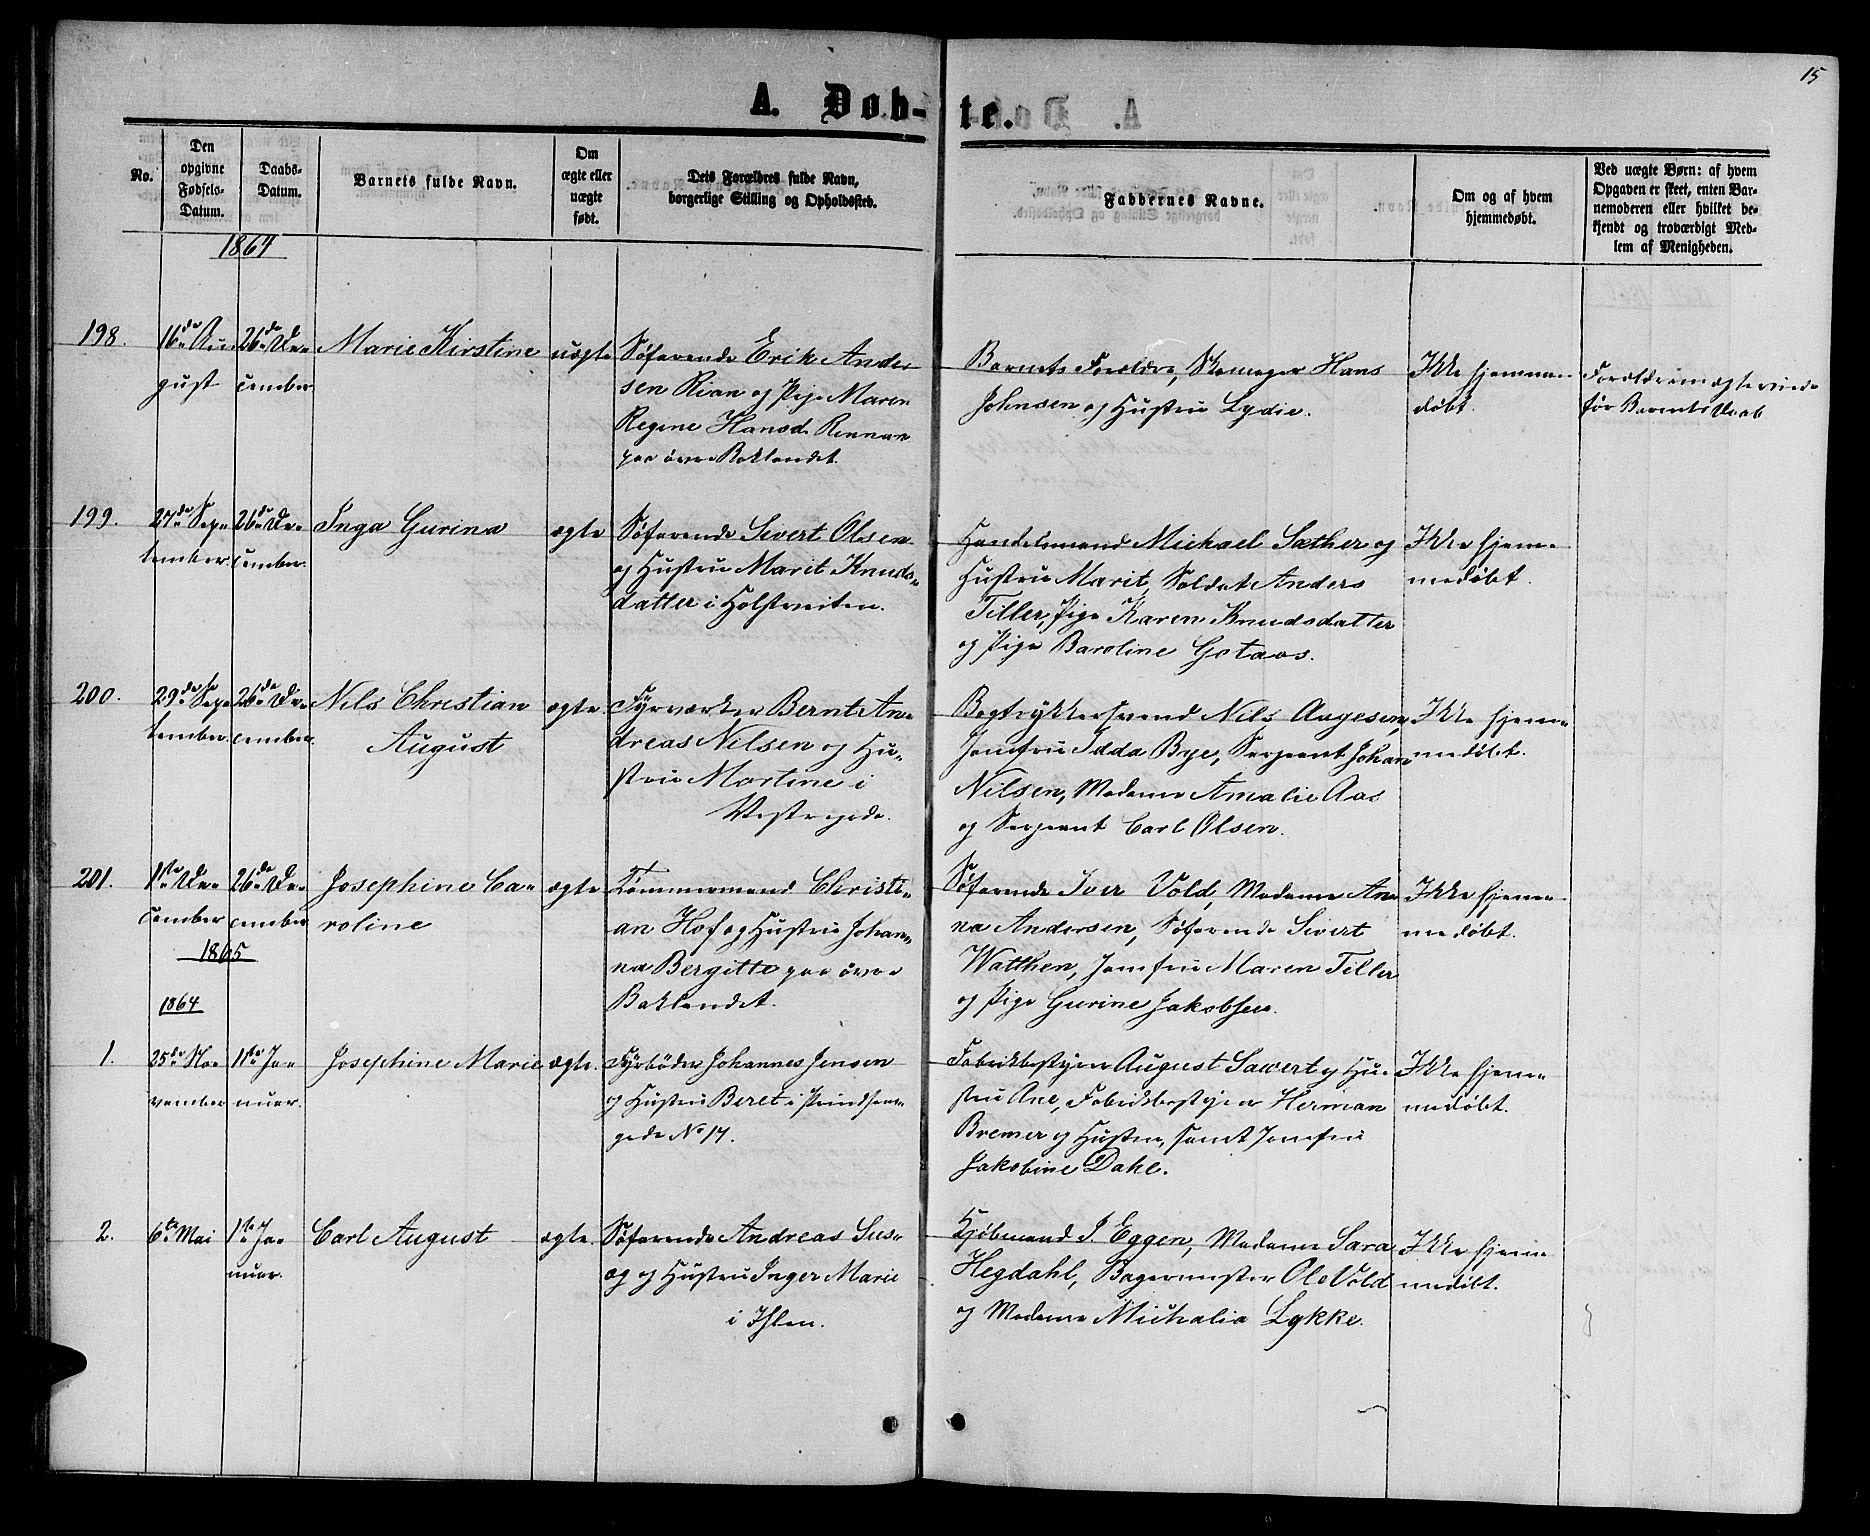 SAT, Ministerialprotokoller, klokkerbøker og fødselsregistre - Sør-Trøndelag, 601/L0087: Klokkerbok nr. 601C05, 1864-1881, s. 15